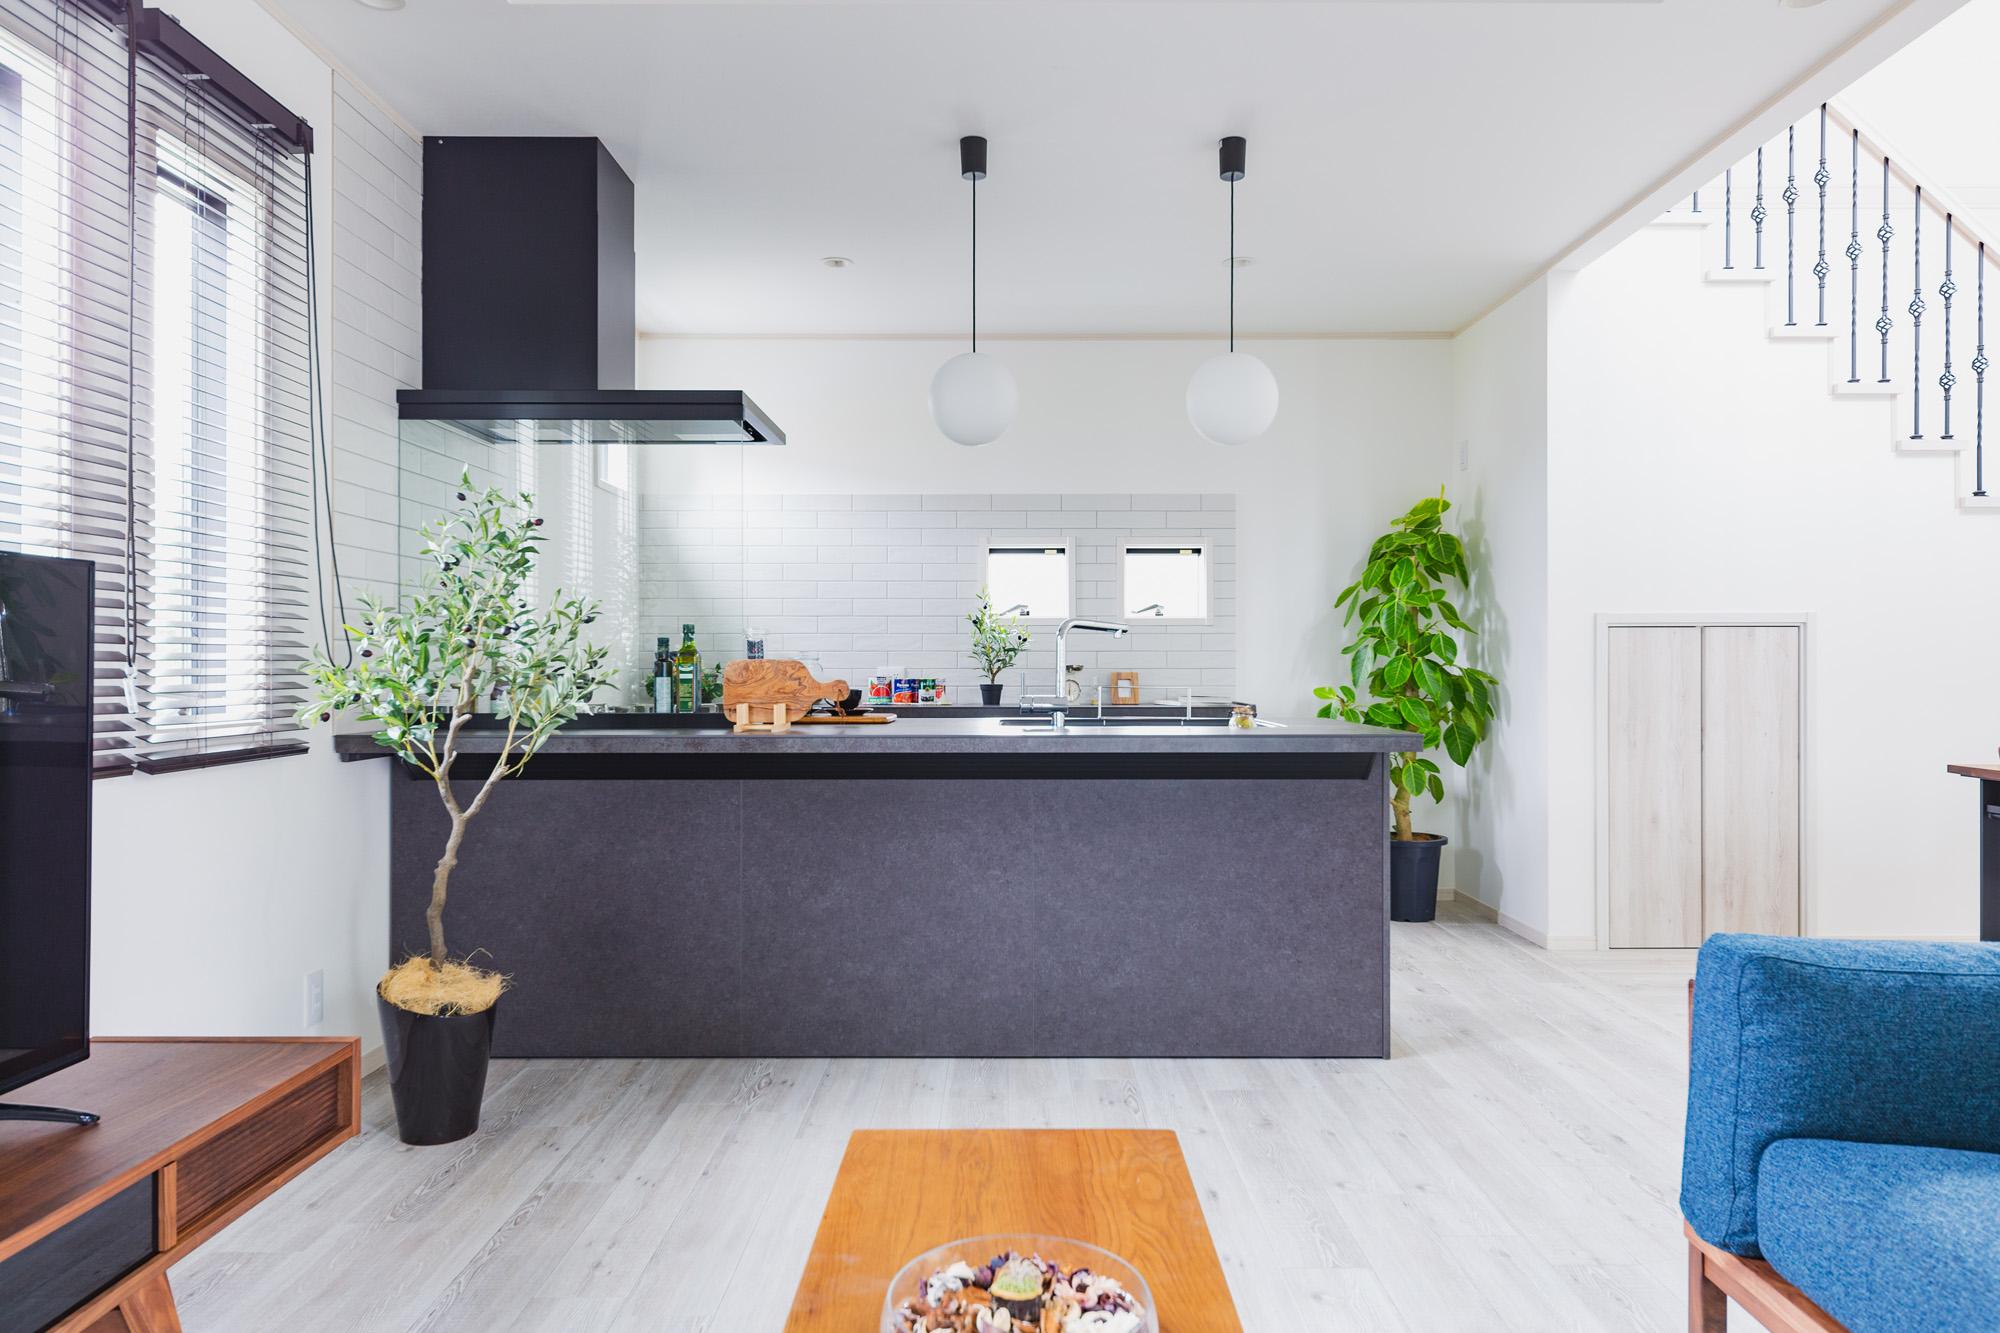 キッチンが部屋の主役になるように床材や壁紙はあえて白で統一。コントラストをはっきりとさせることでキッチンの存在感をより高めています。